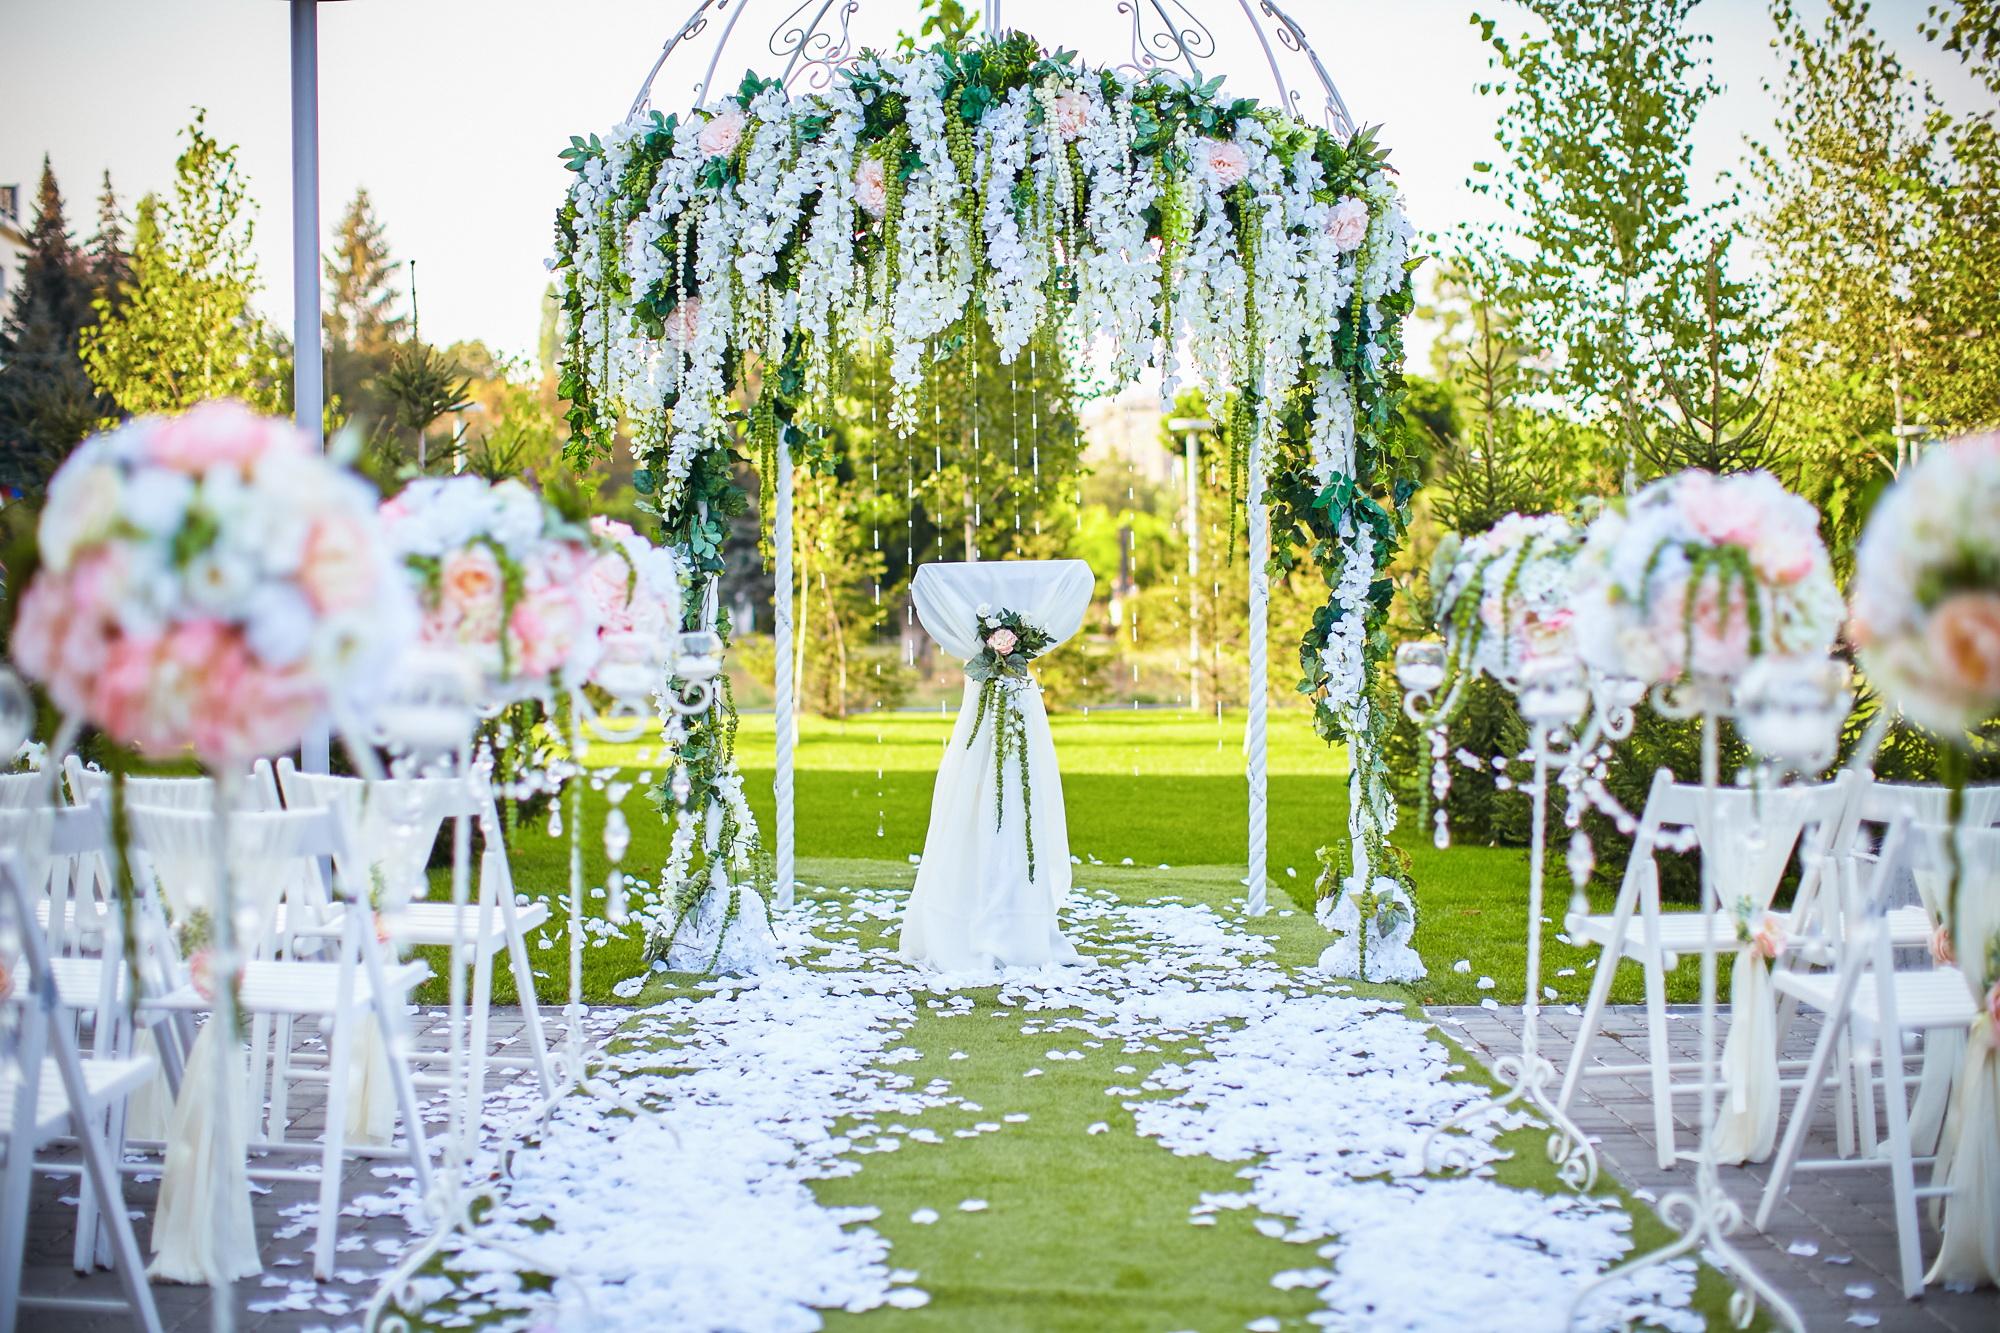 место для свадьбы одесса - студия стильных свадеб Love Story